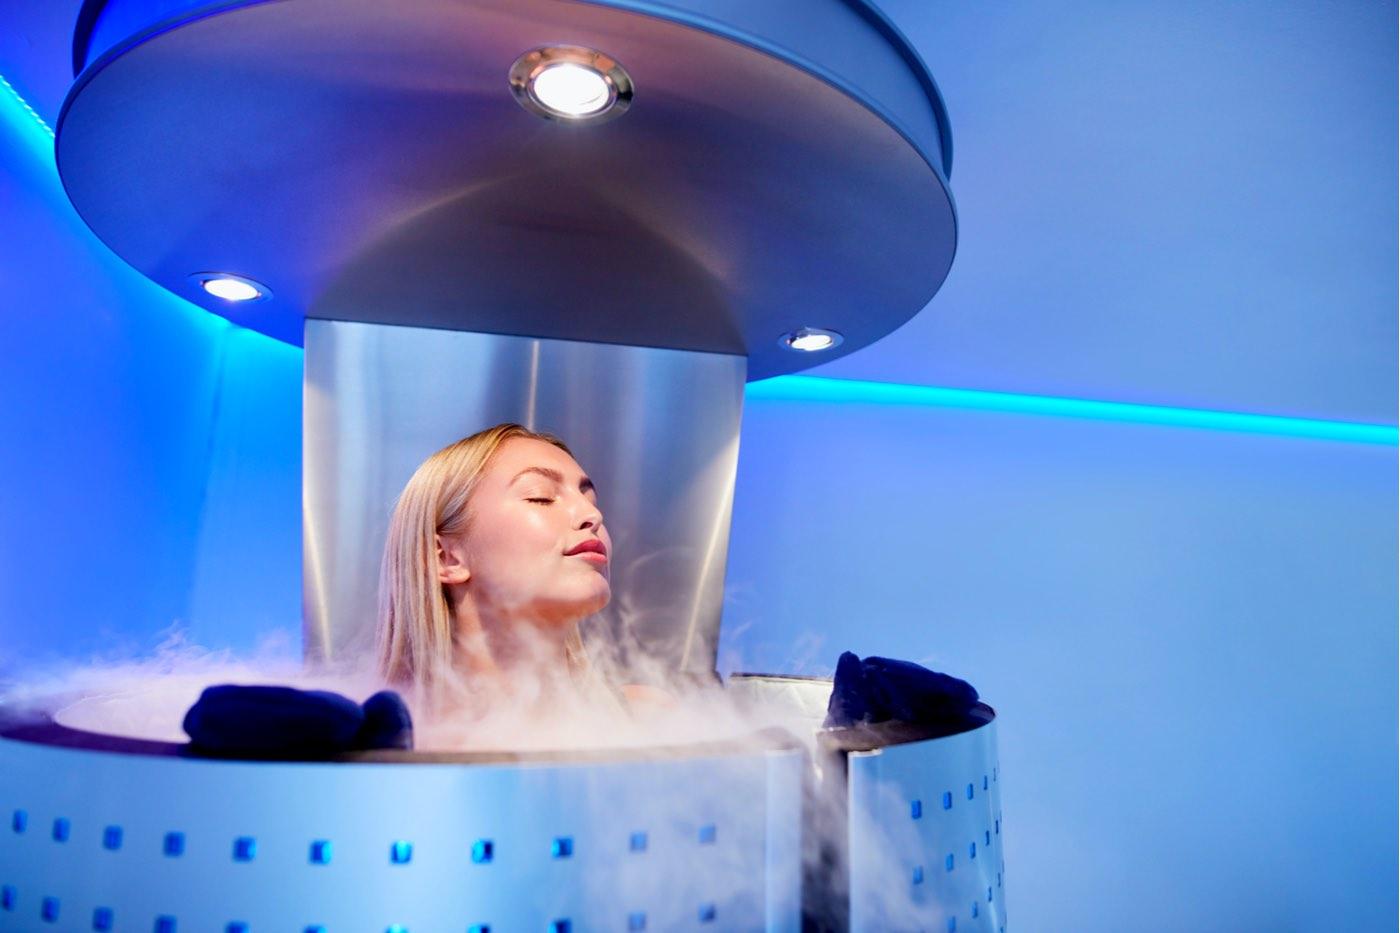 Alquilar cabinas de crioterapia de Cryosense, la solución económica para disfrutar sus propiedades.